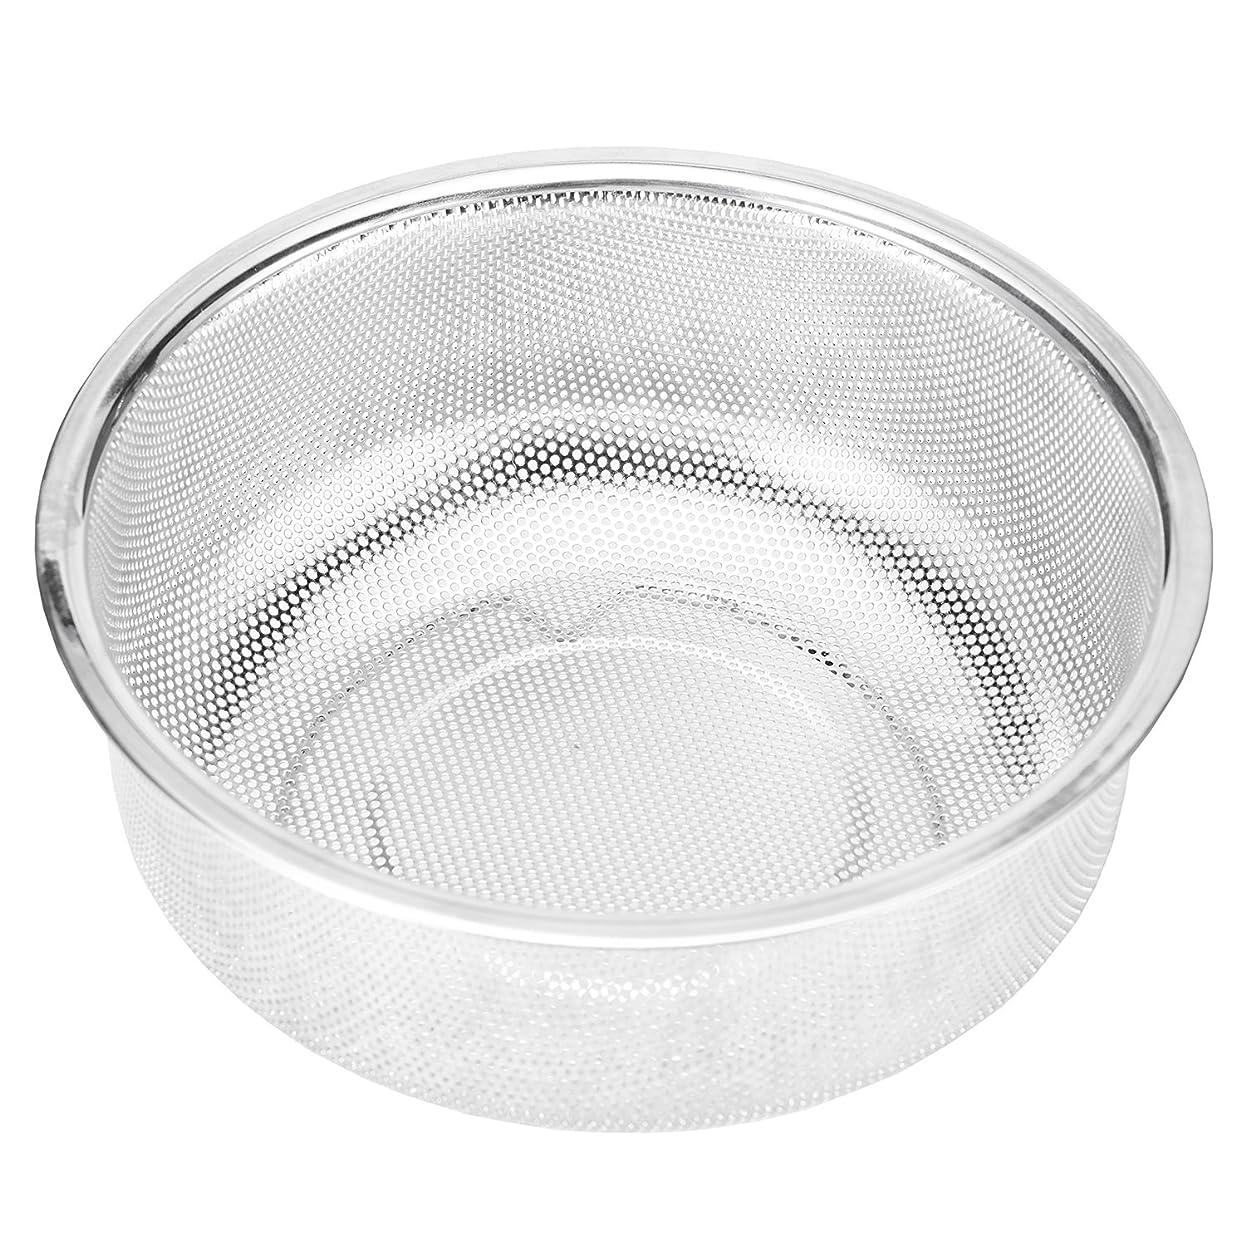 たるみカトリック教徒肥料洗米 ざる 水切り 18-8ステンレス ザル 蒸し器 米とぎボール ストレーナー 18cm